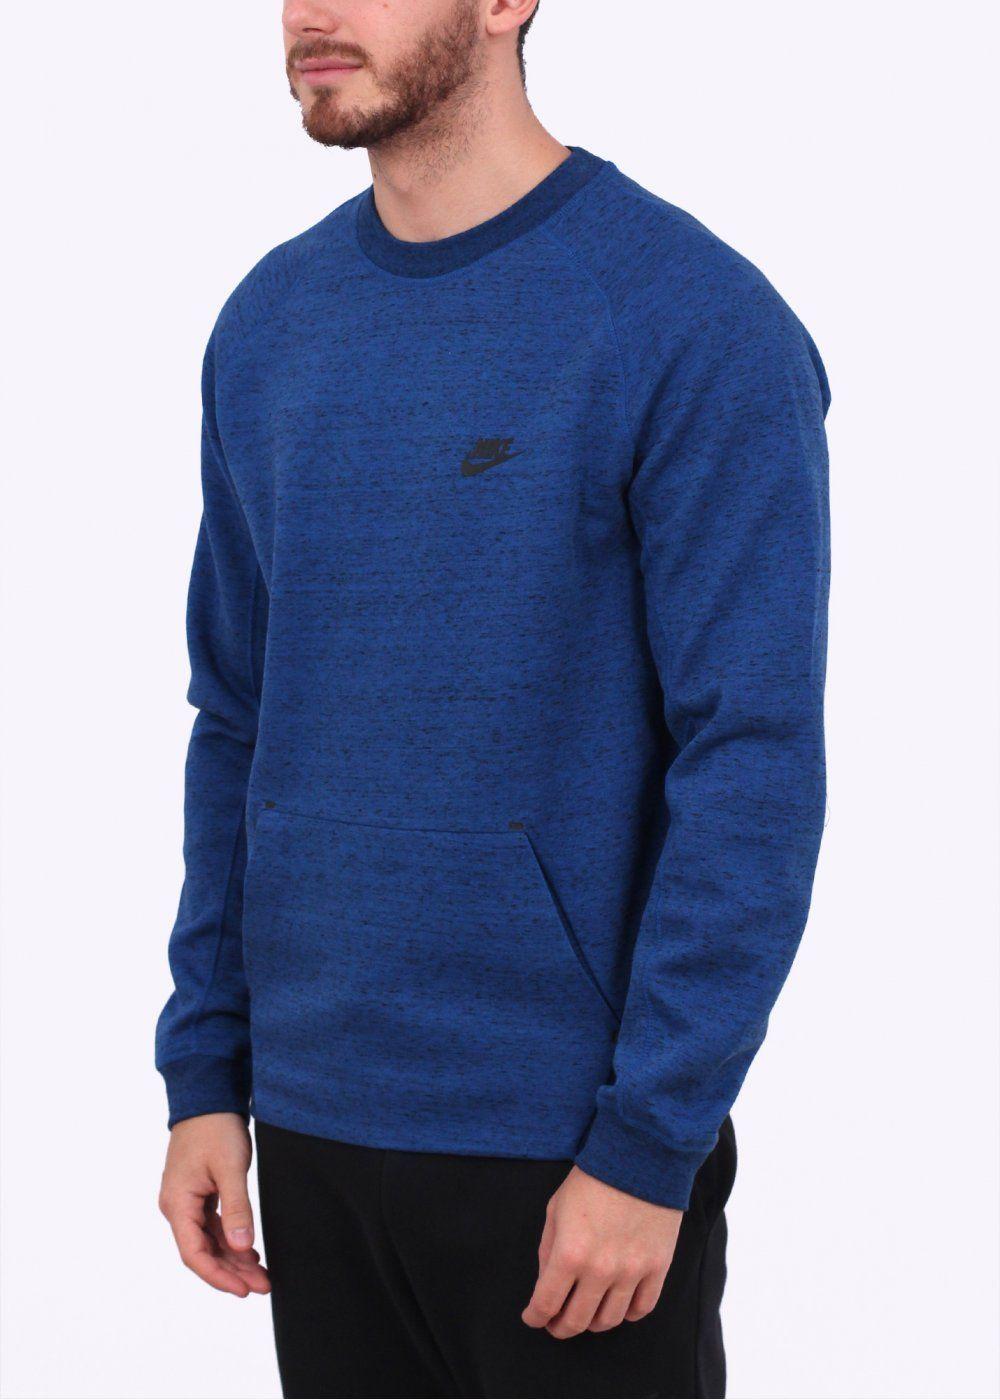 Tech Fleece Crew Game Blue Tech fleece, Nike outfits